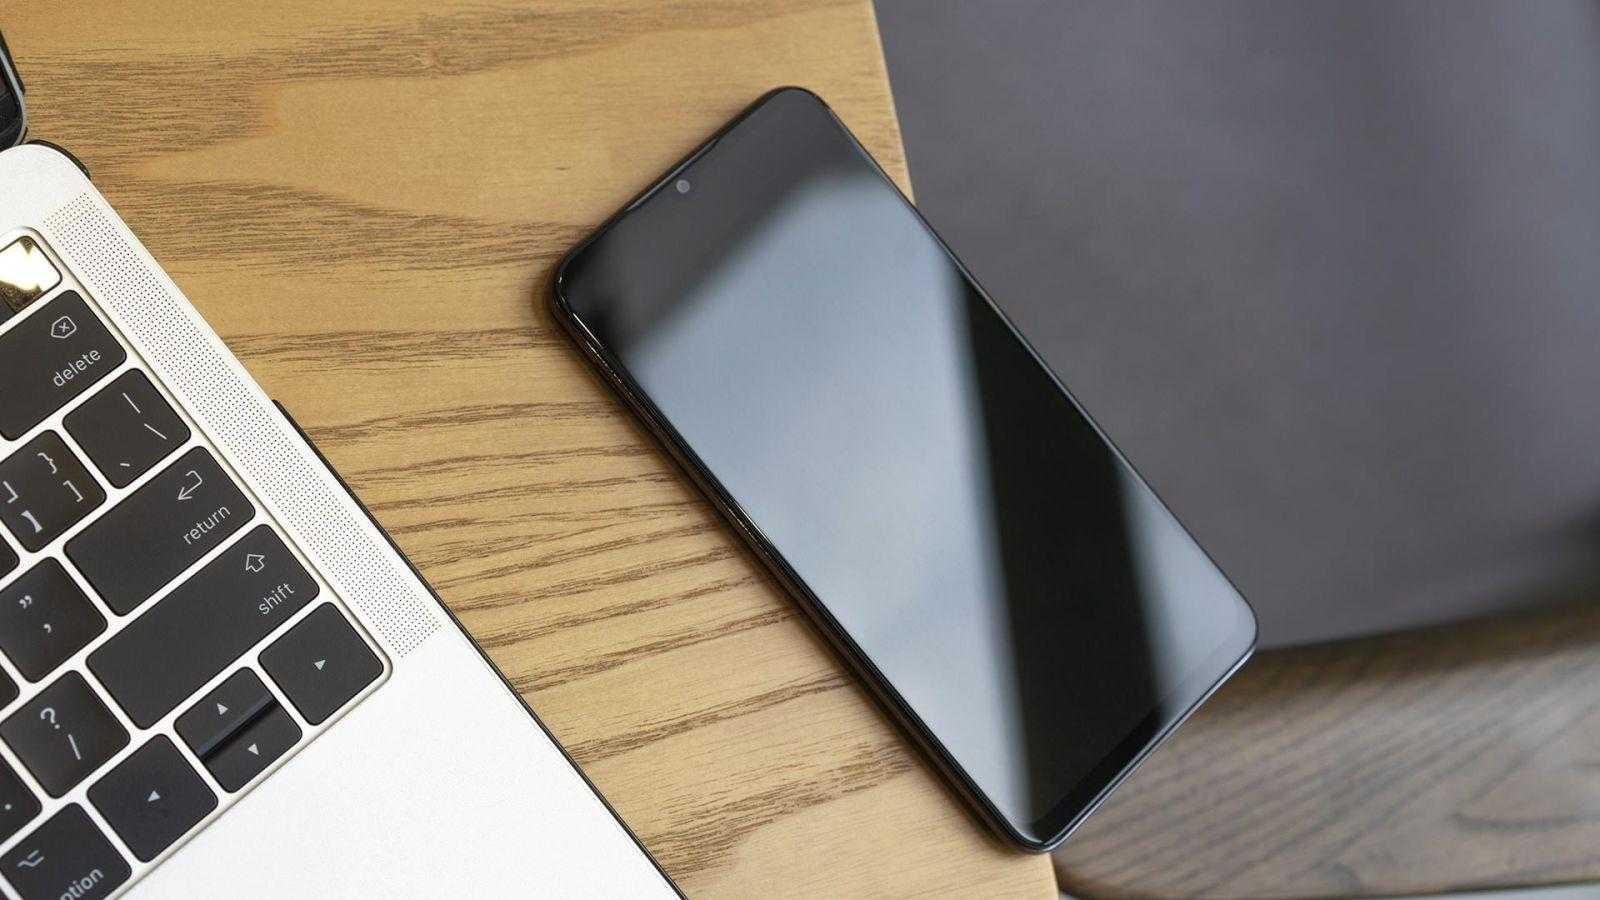 Вышел Meizu Note 9 с 48-мегапиксельной камерой, но с процессором Snapdragon 675 (dsc00040 large)